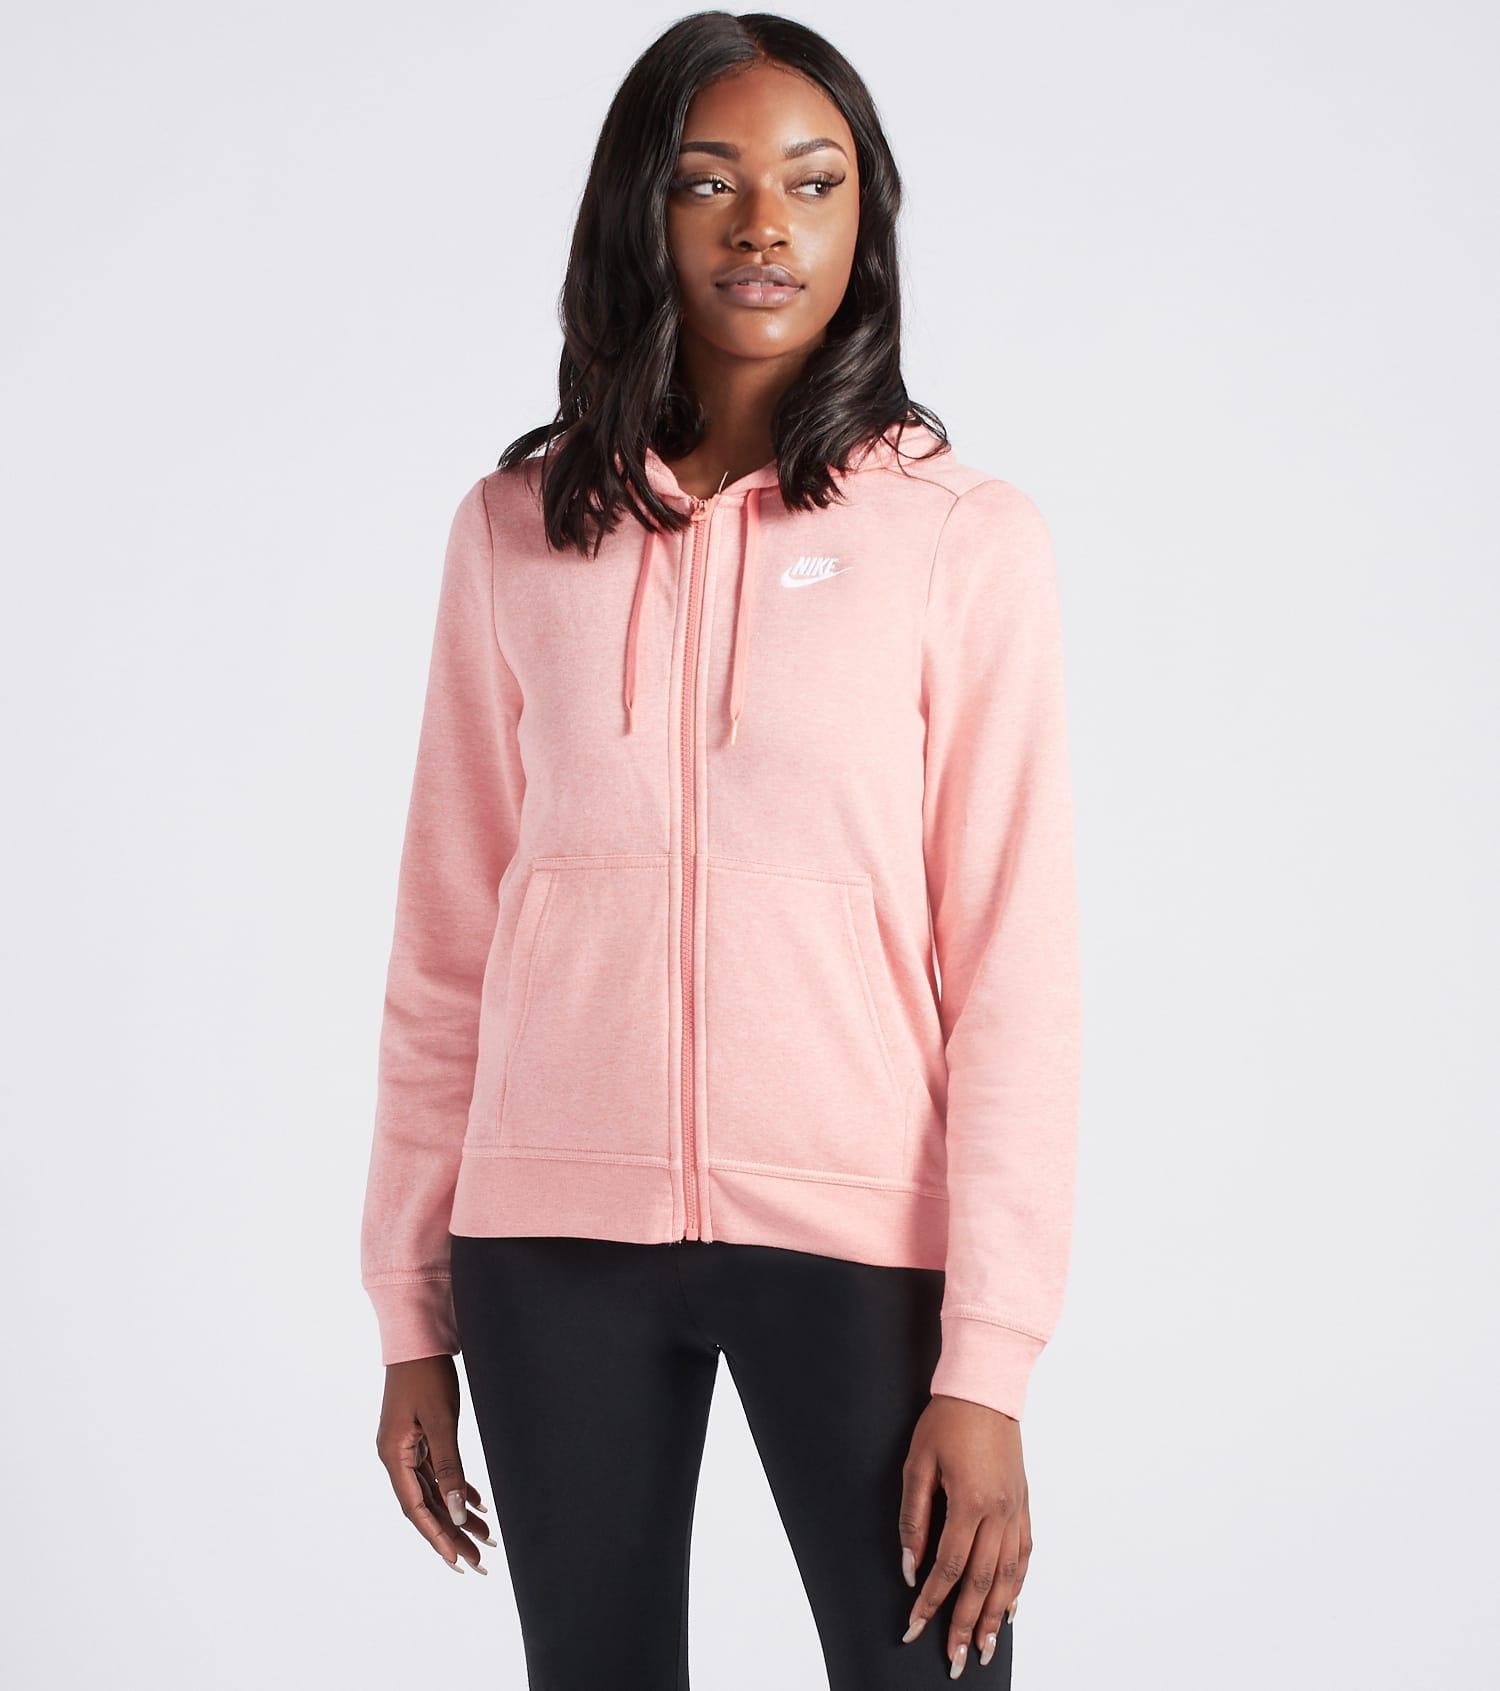 Nike Women's Air Full Zip Pink Hoodie